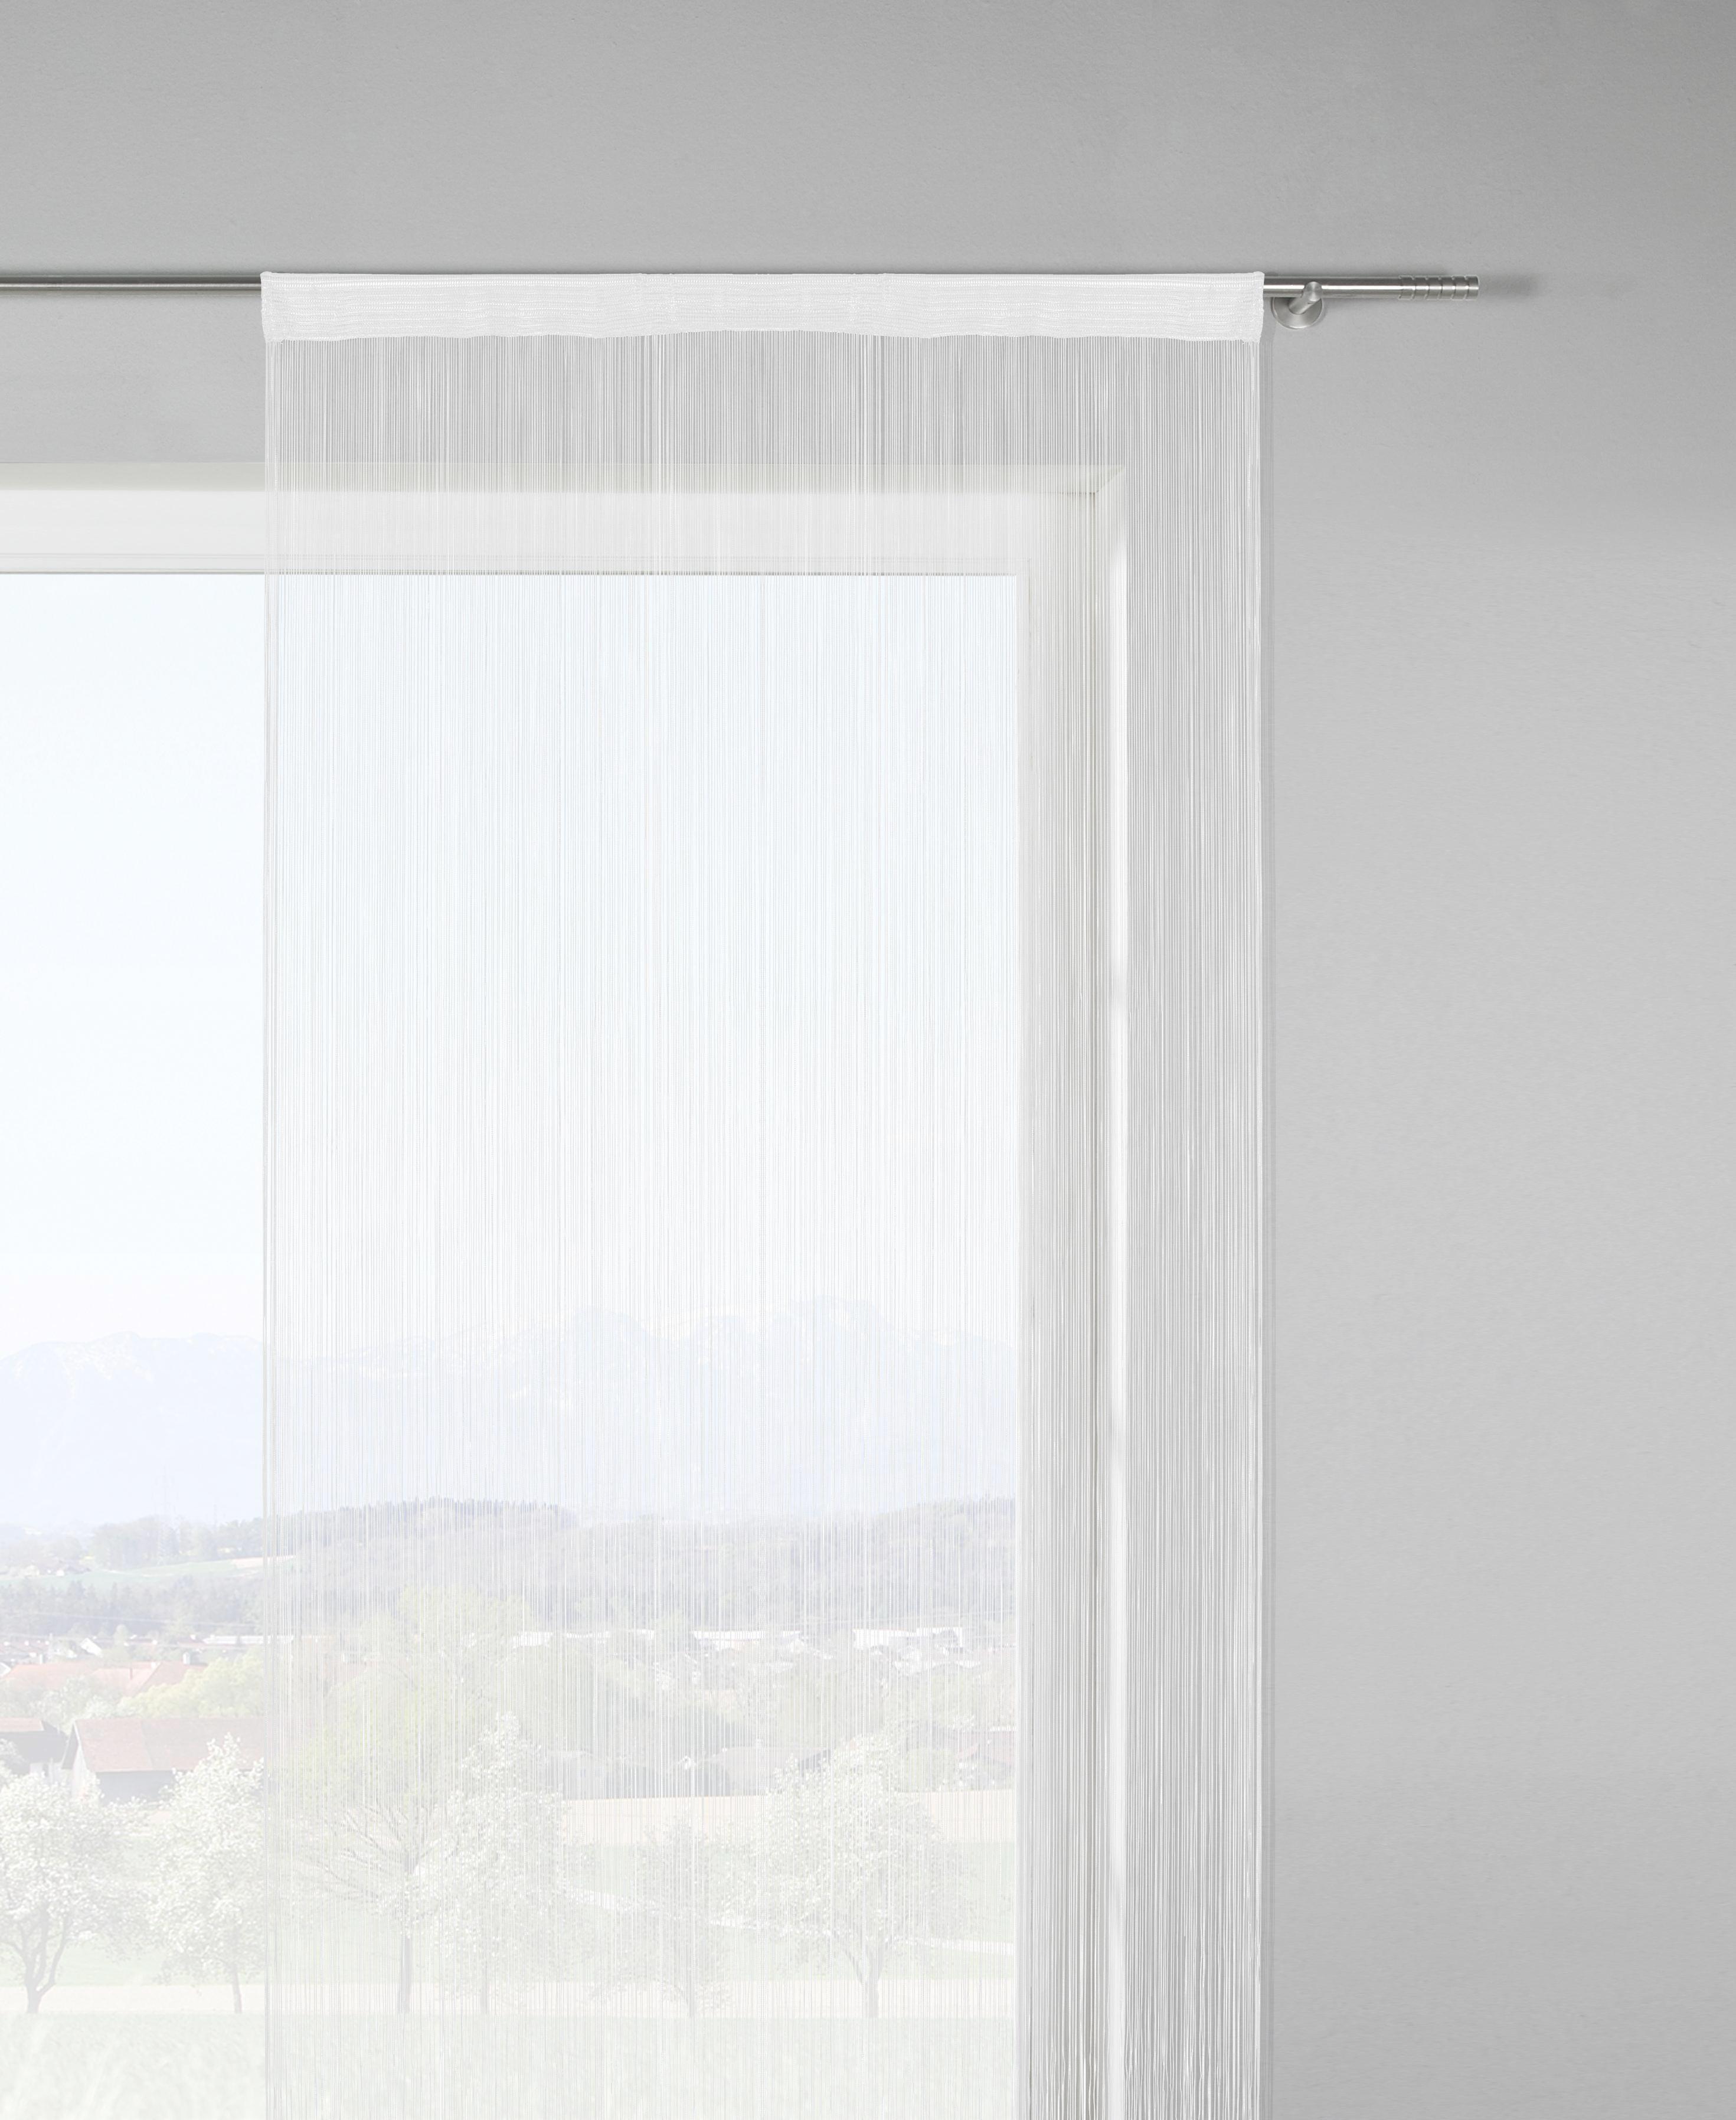 Fadenstore Franz in Weiß, ca. 90x245cm - Weiß, Textil (90/245cm) - MÖMAX modern living